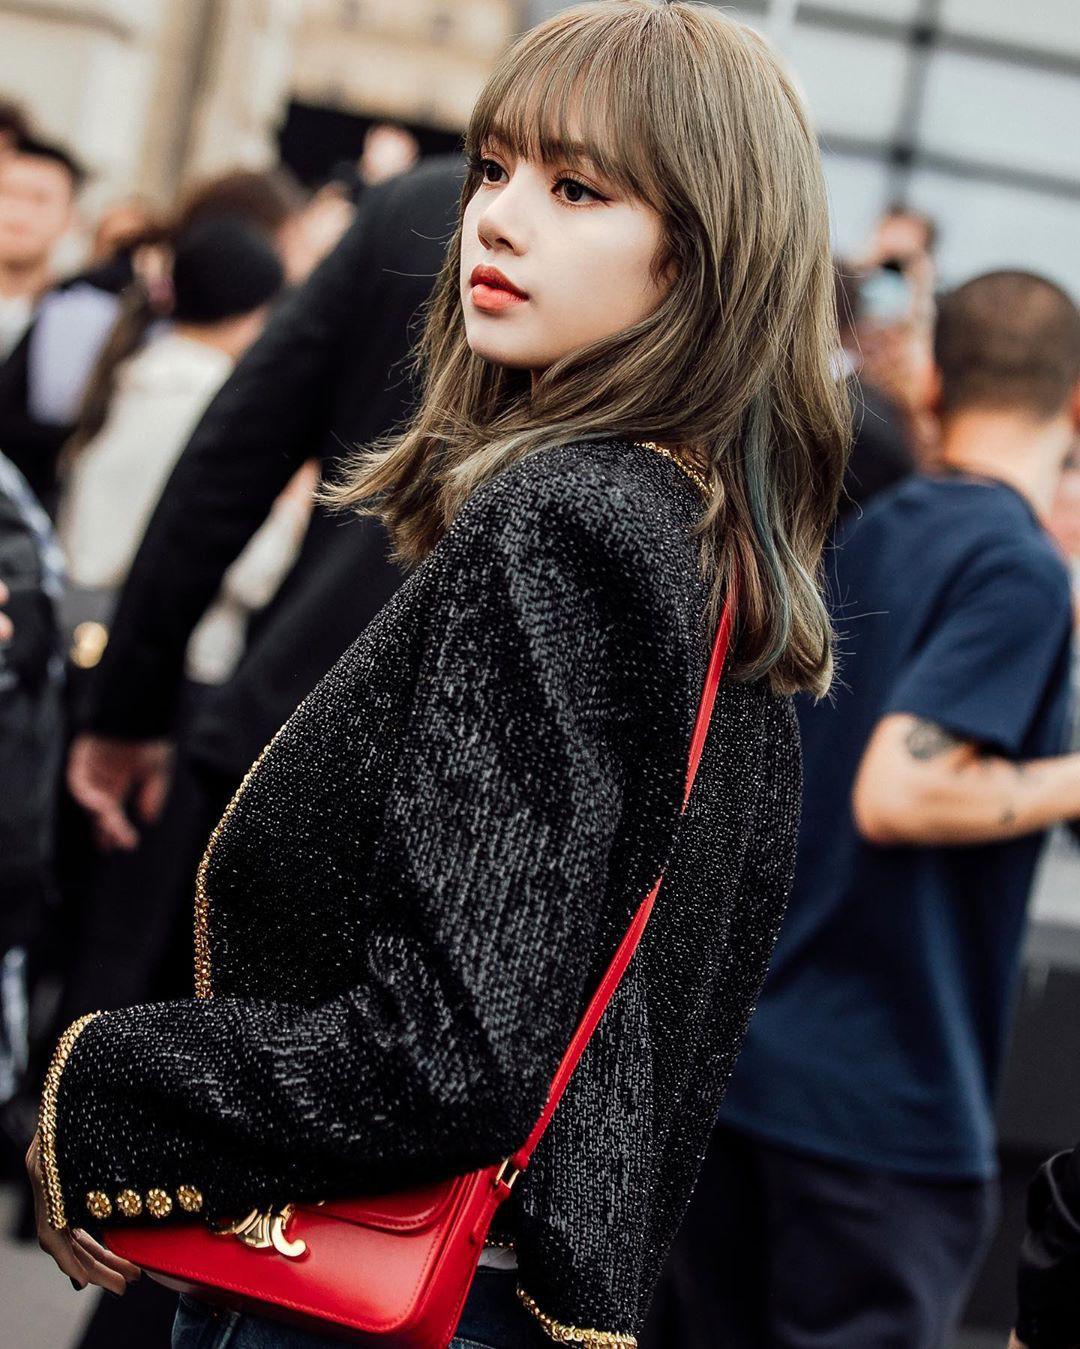 Muốn ná thở với bộ ảnh đẹp của Lisa tại sự kiện Paris: Lướt qua ống kính là thành bìa tạp chí, đôi chân mới khó tin - Ảnh 6.